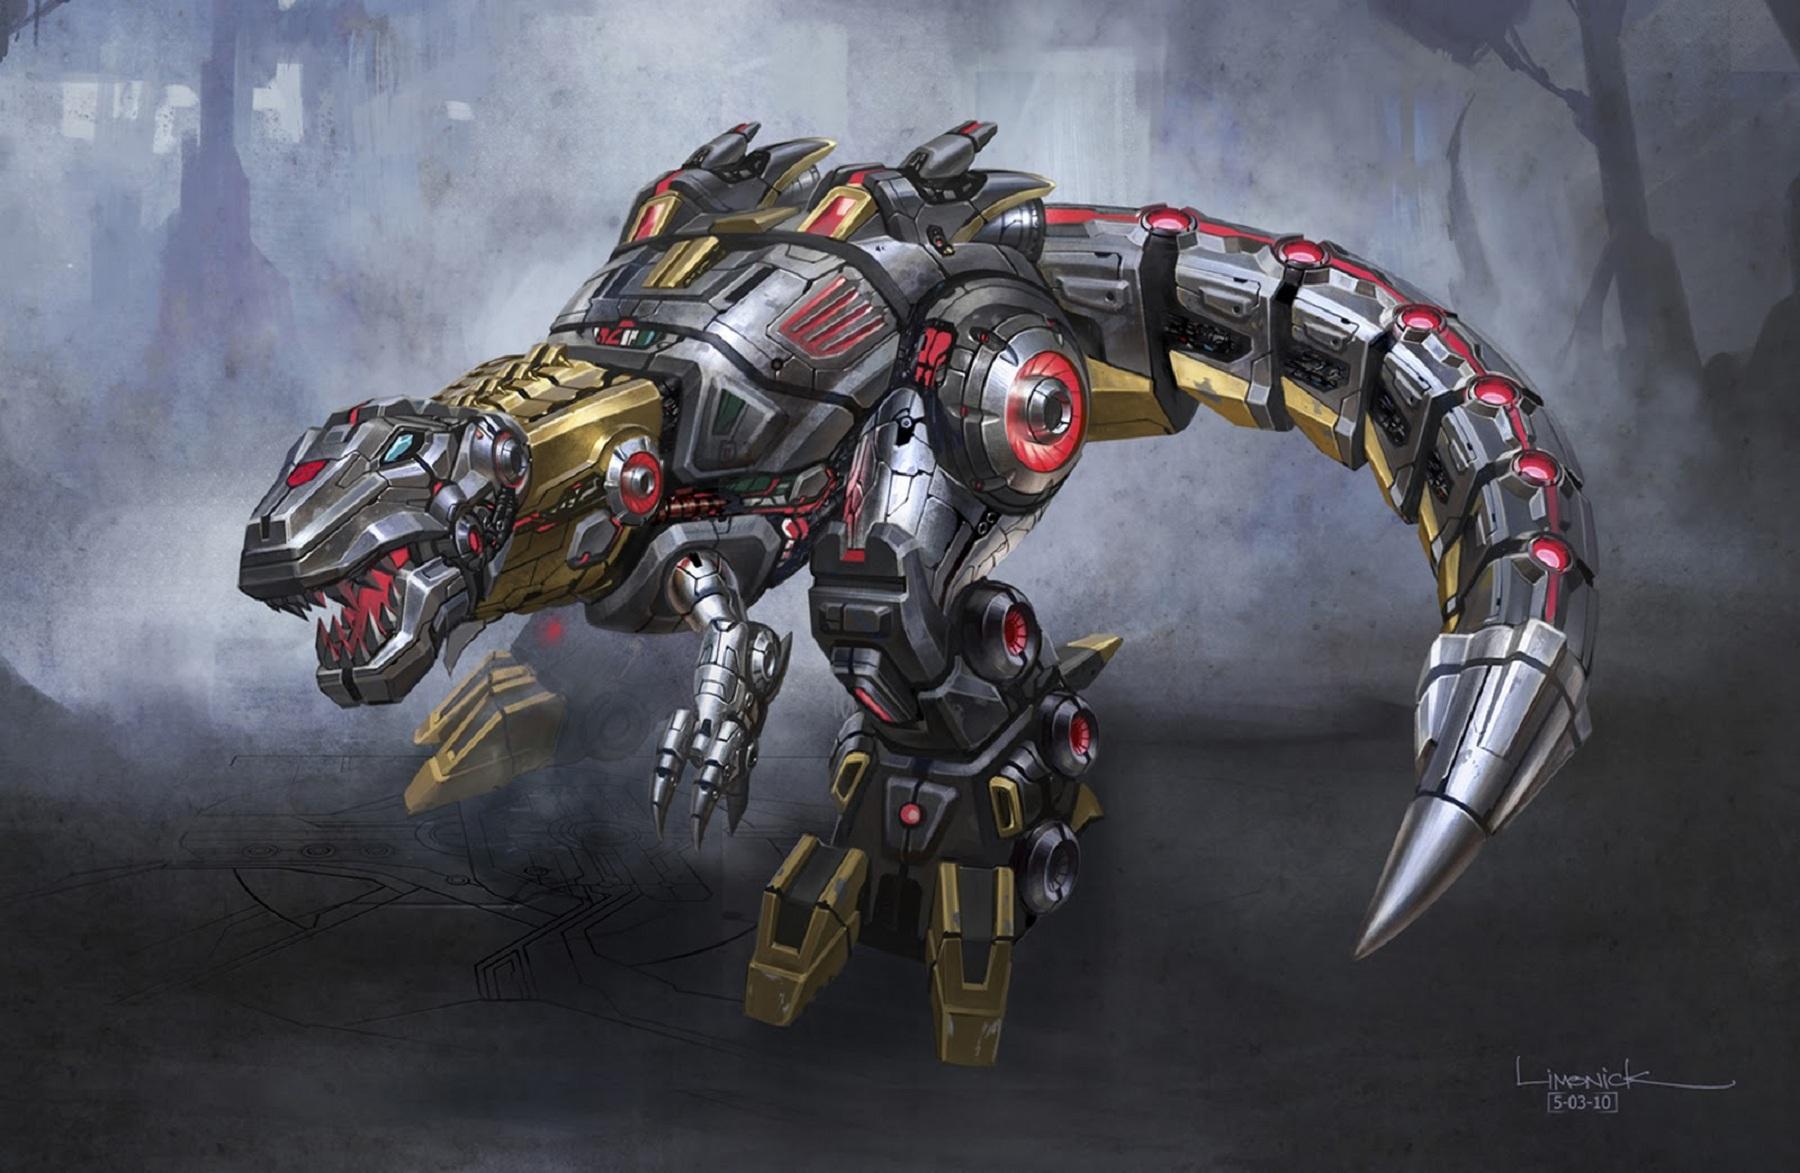 Arte conceitual de um Dinobot do jogo Transformers: Fall of Cybertron